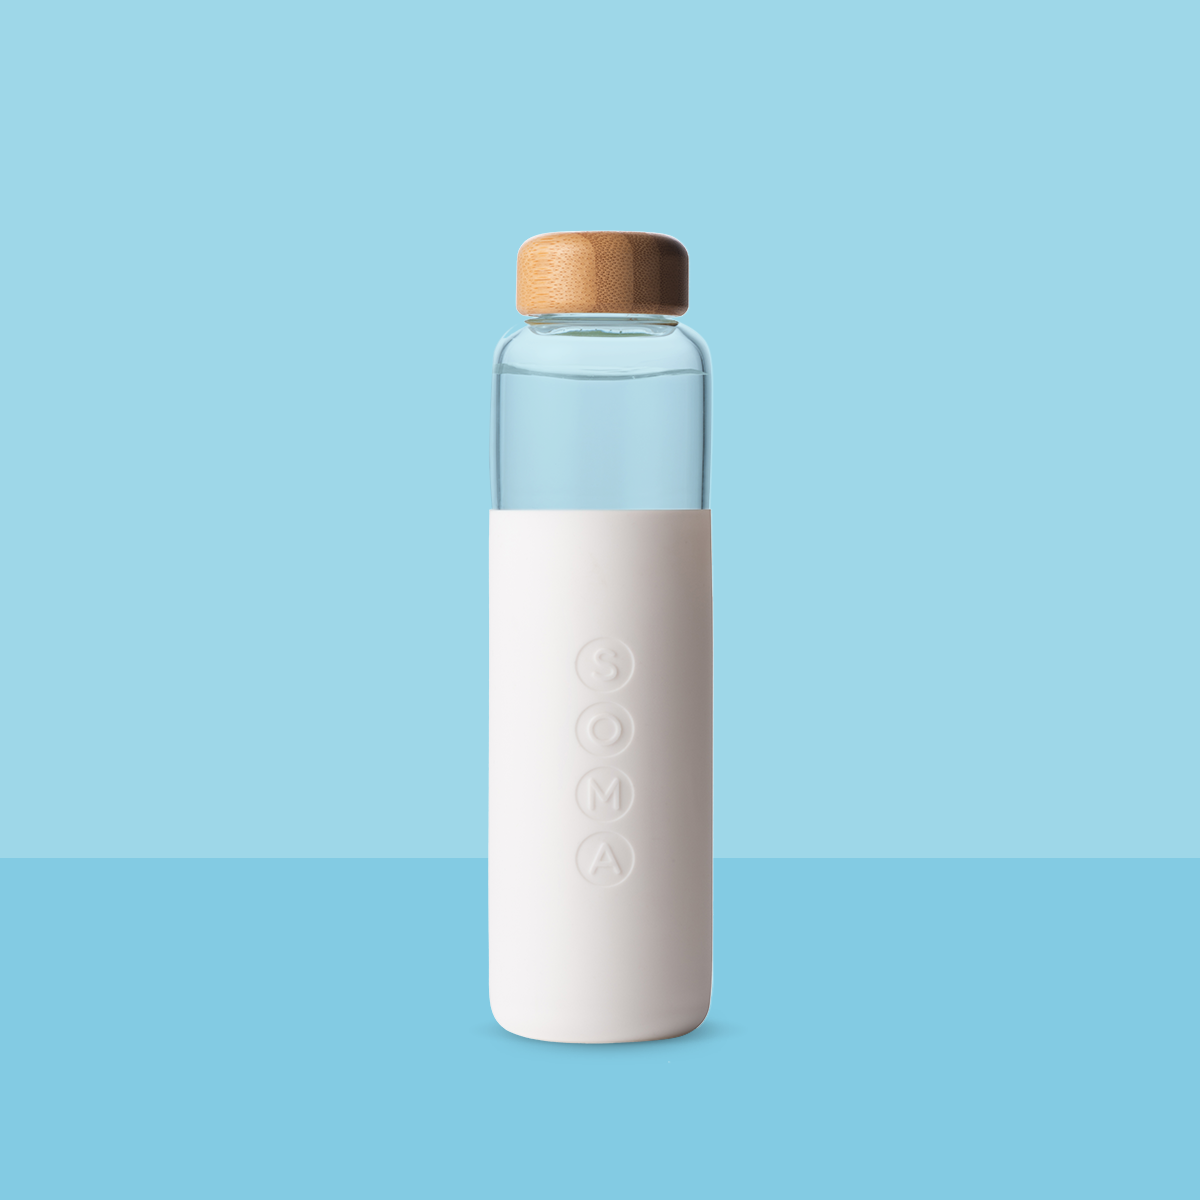 V2 17 oz. Glass Water Bottle